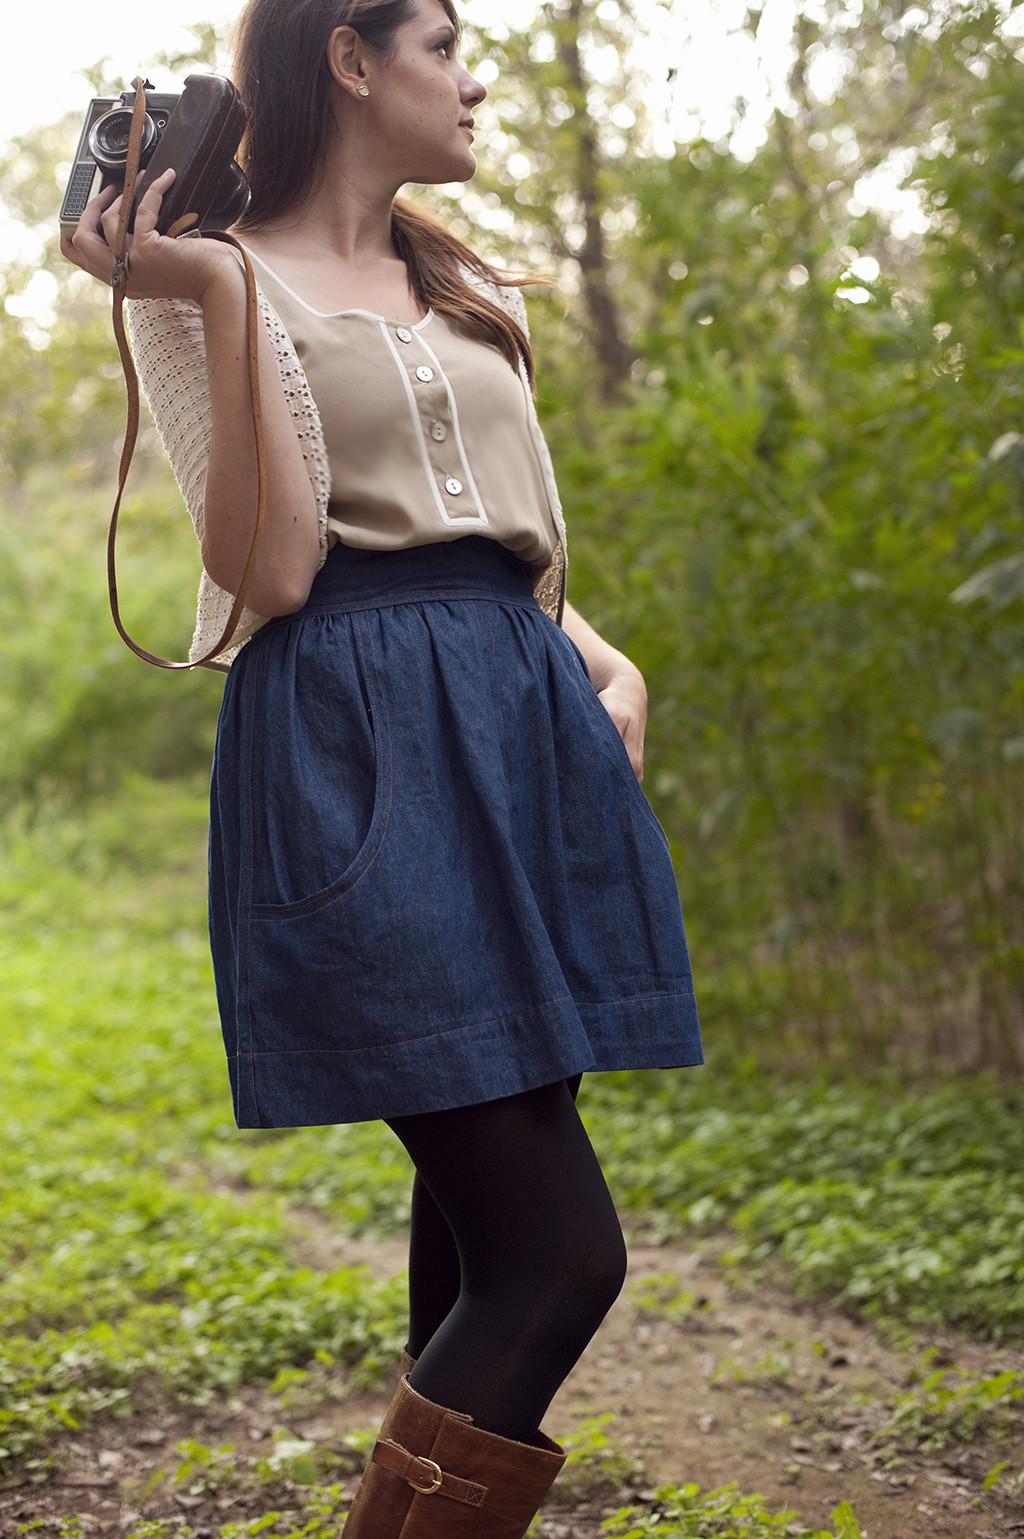 Brumby Skirt Sewing Pattern by Megan Nielsen